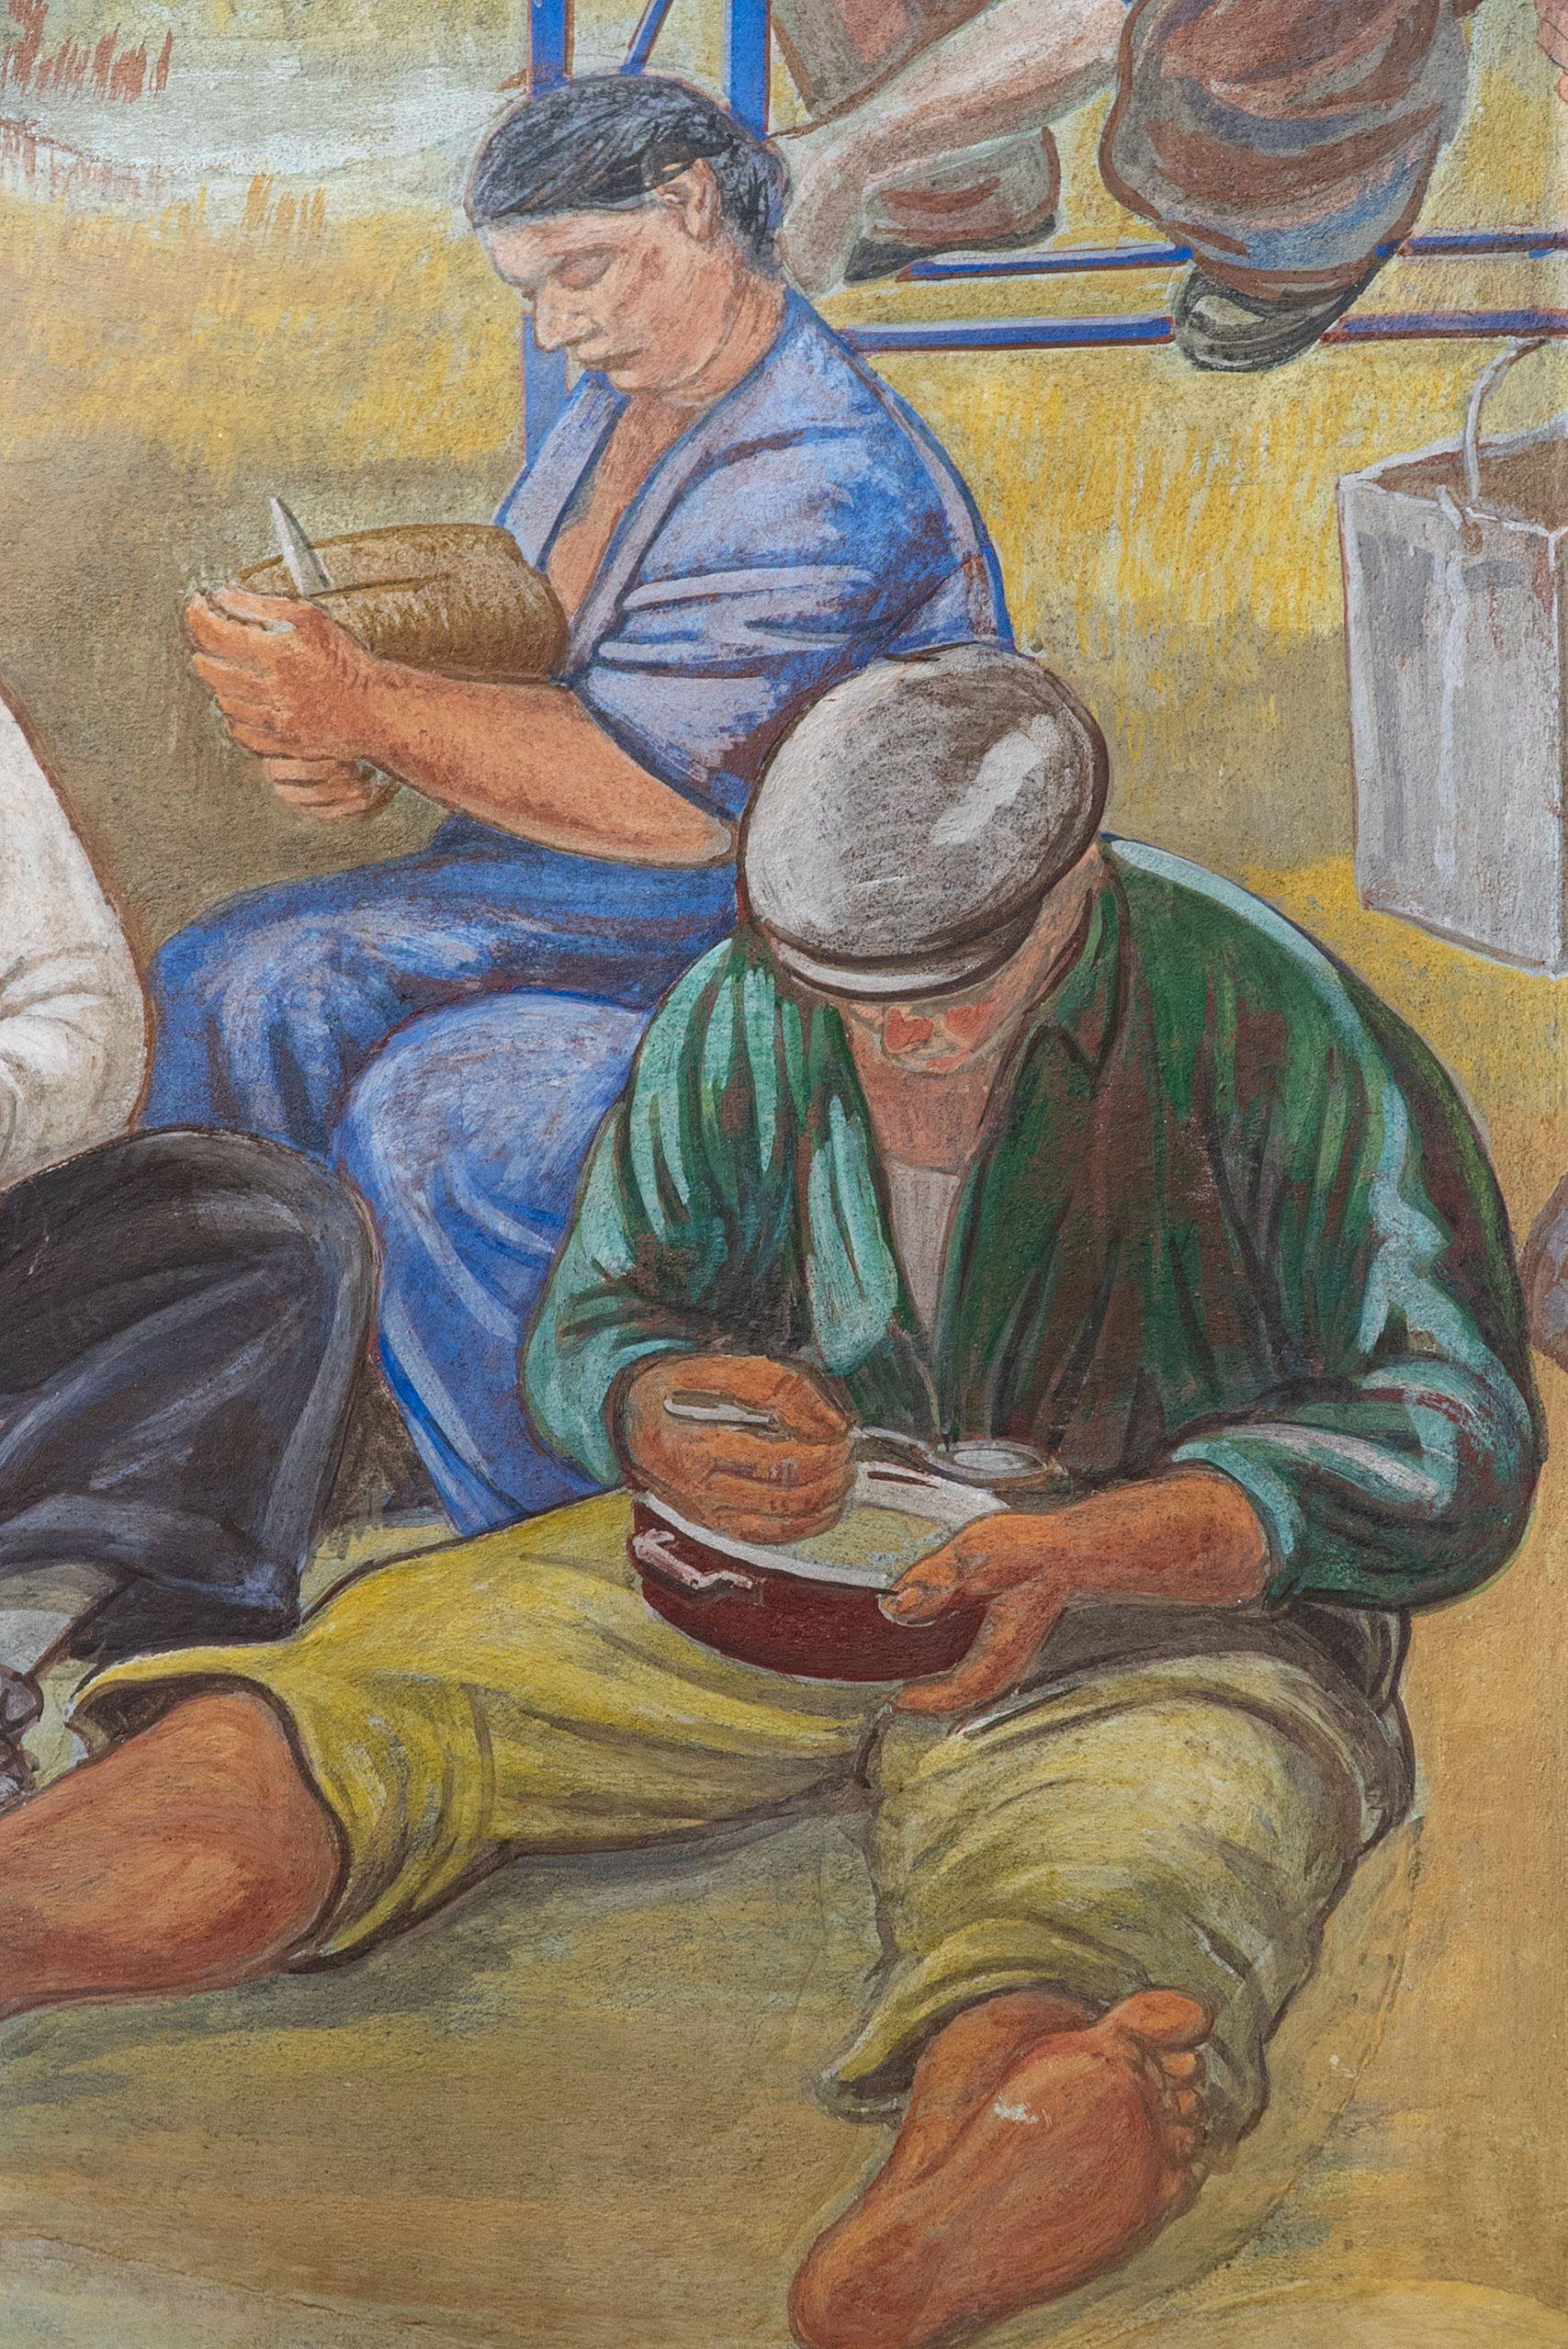 Gastronomy-hub-08-affreschi-1